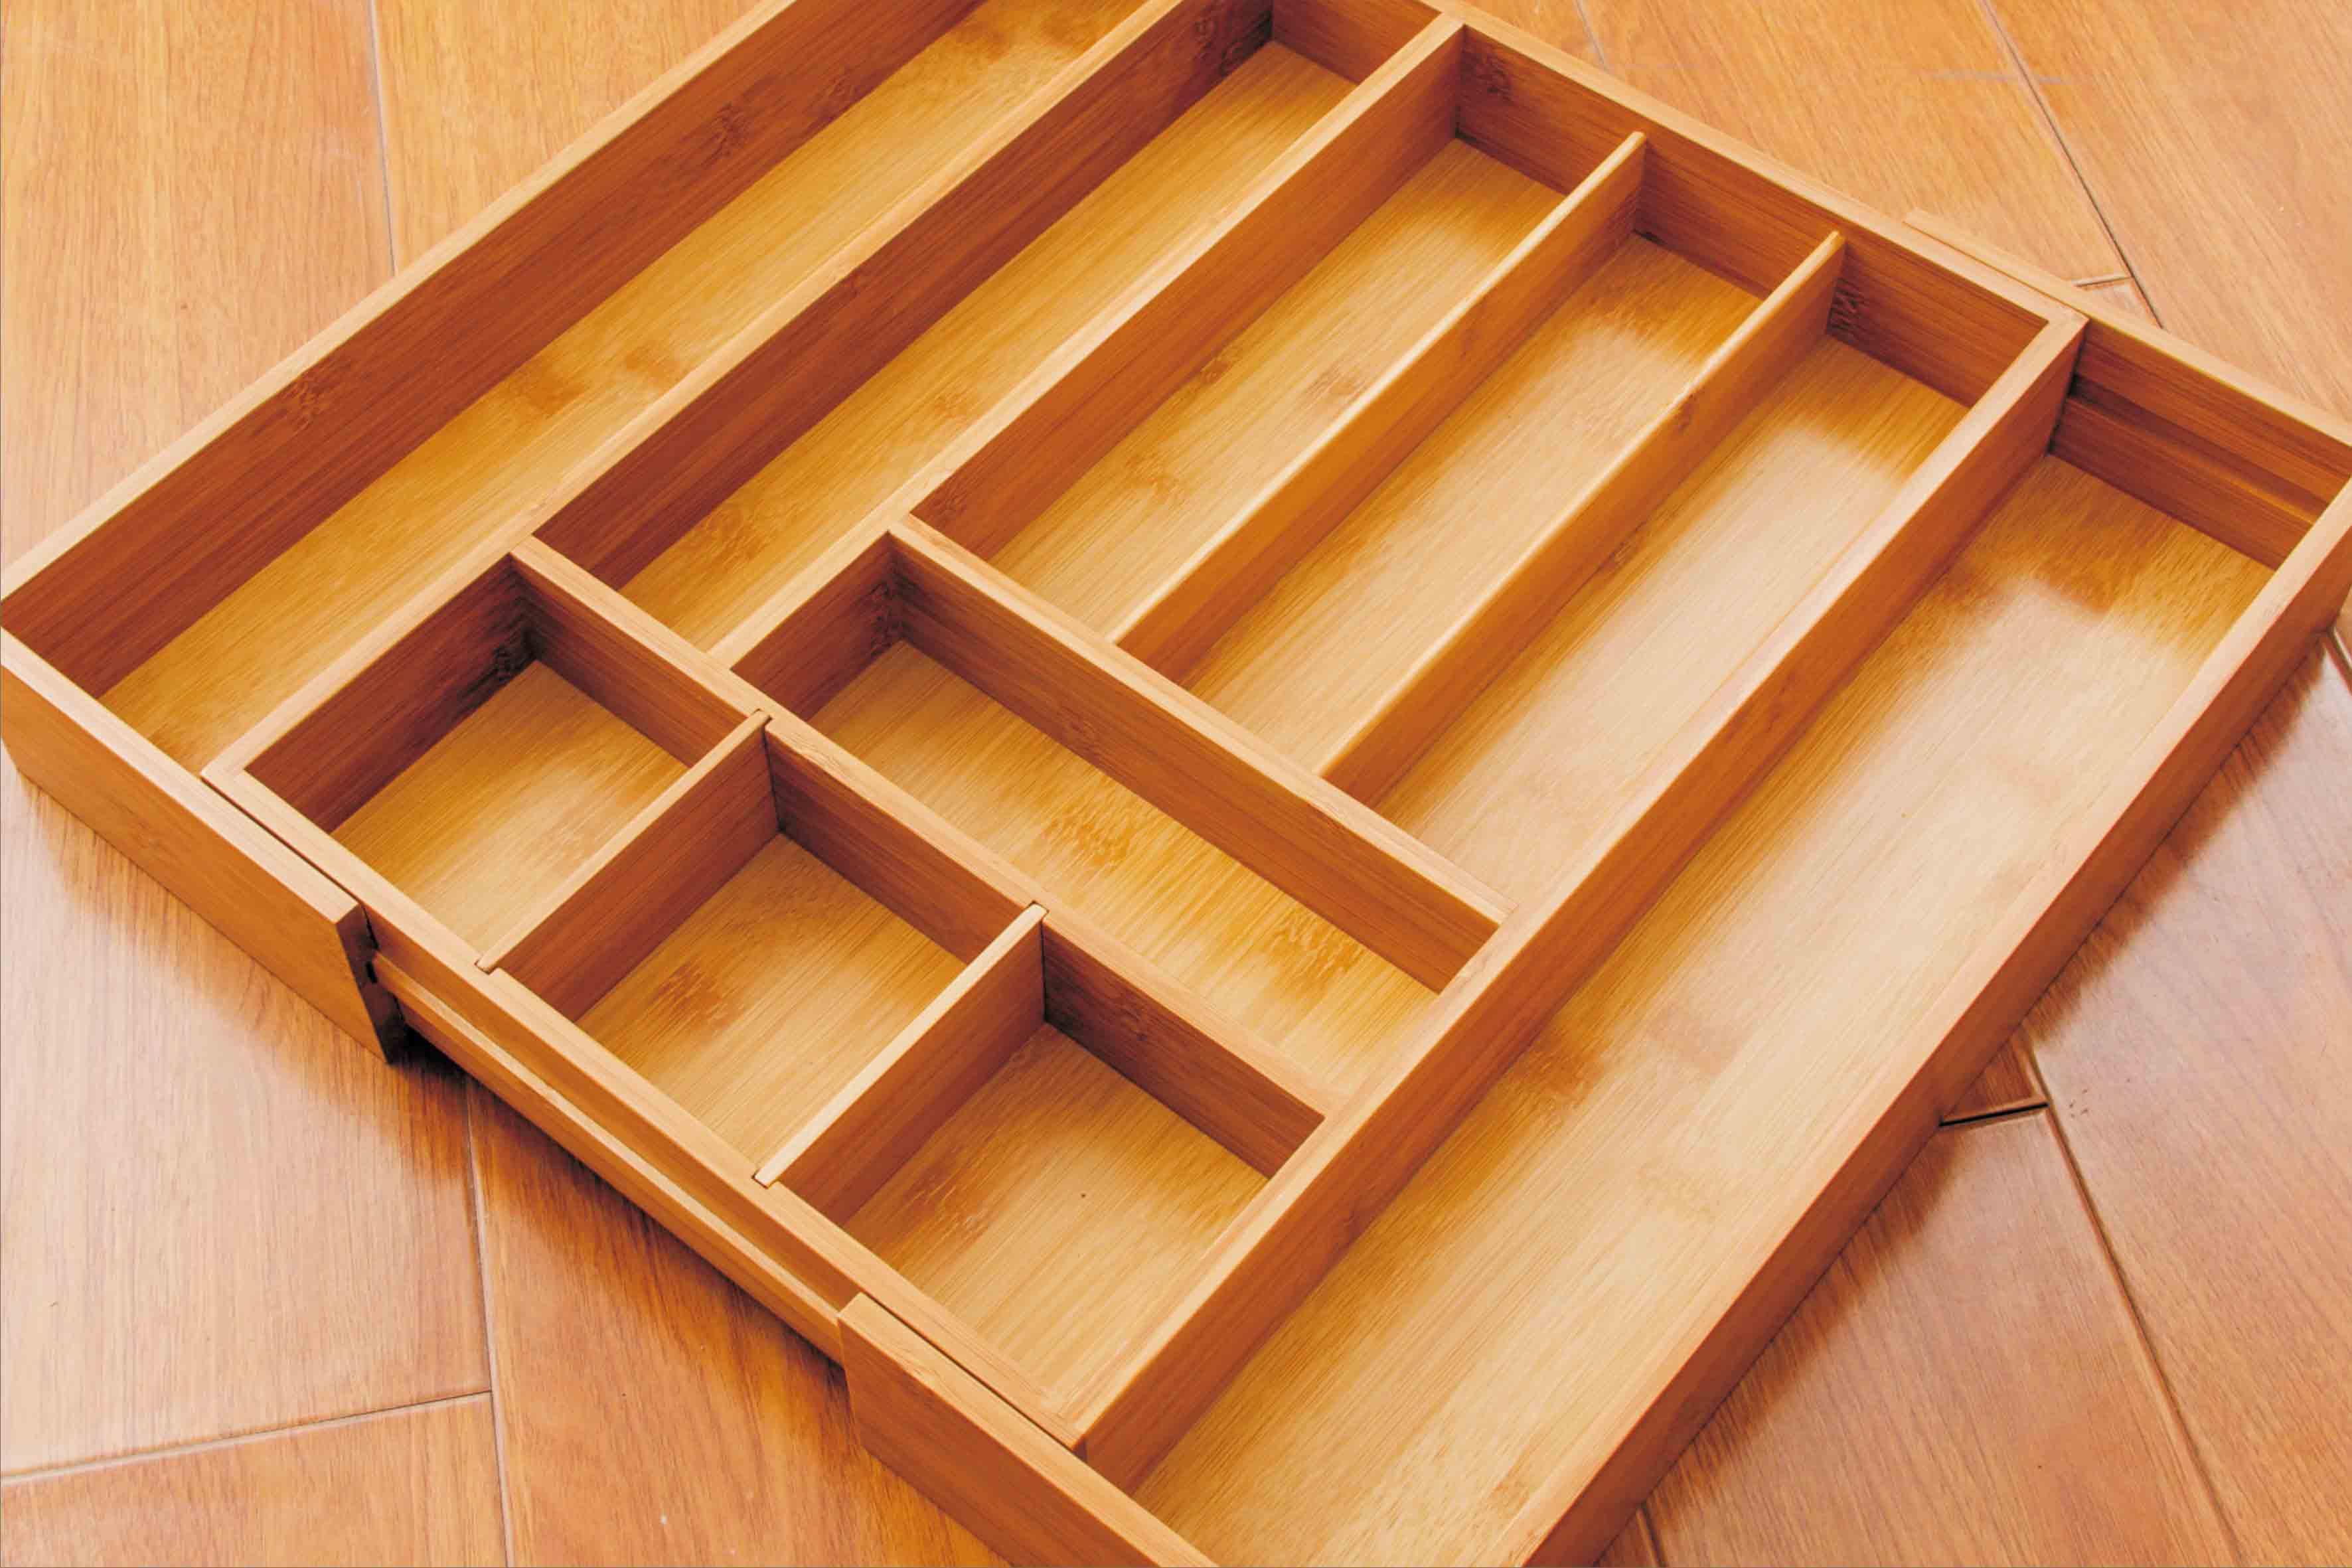 可伸缩竹制品收纳盒 单层收纳箱可摆放各种小物件